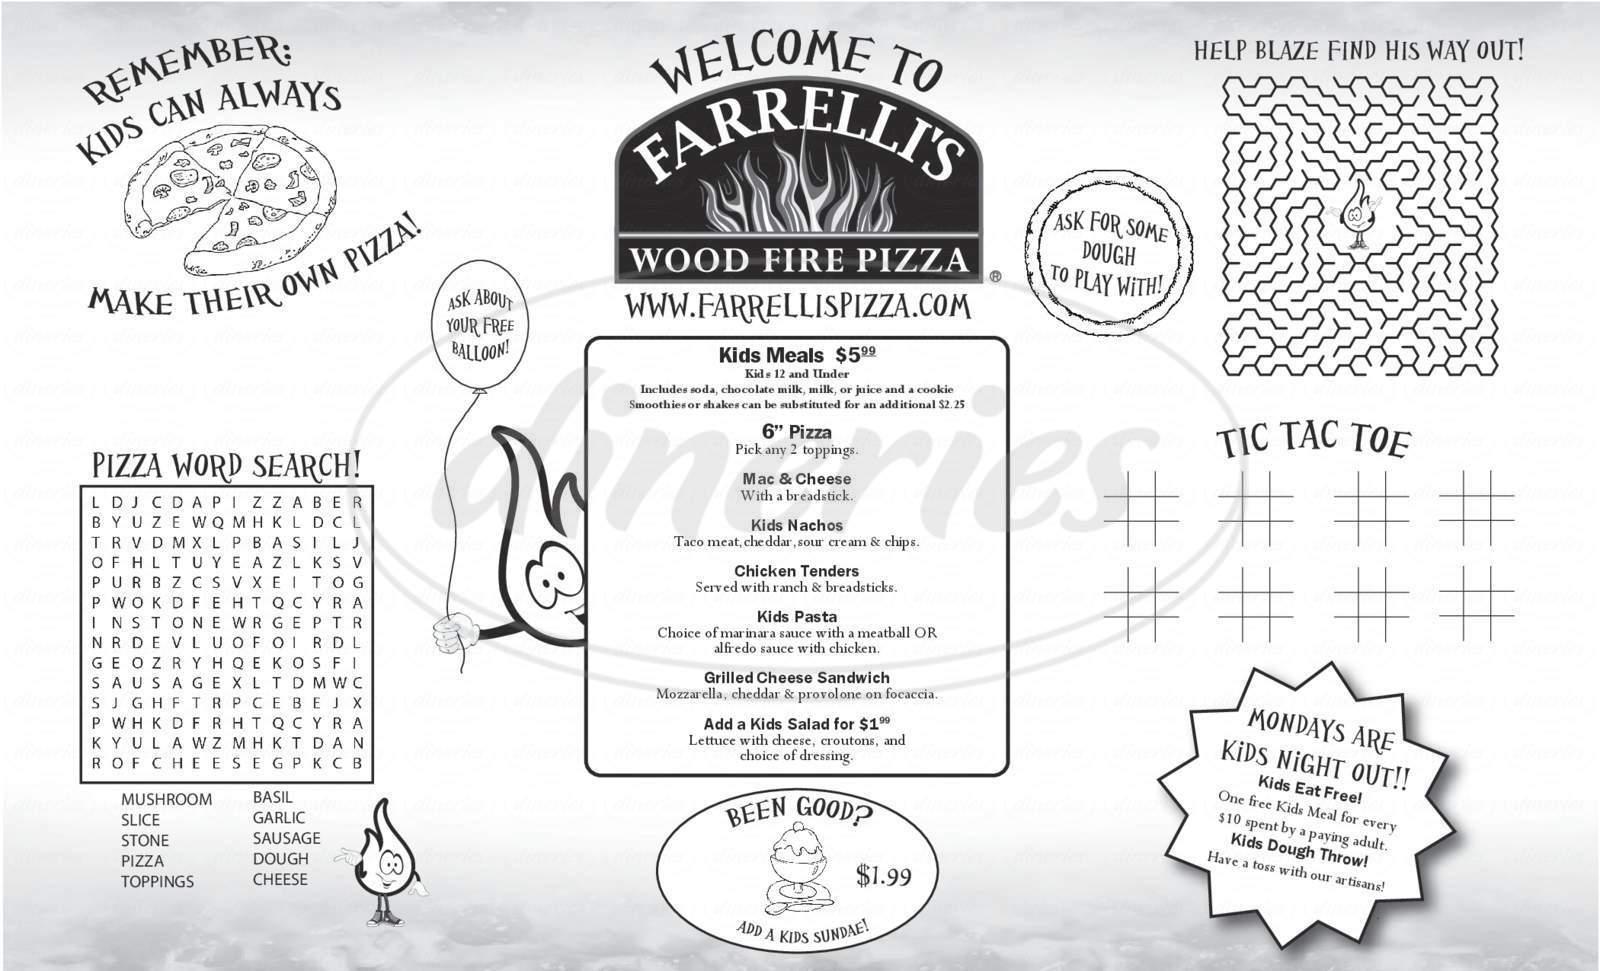 menu for Farrelli's Wood Fire Pizza